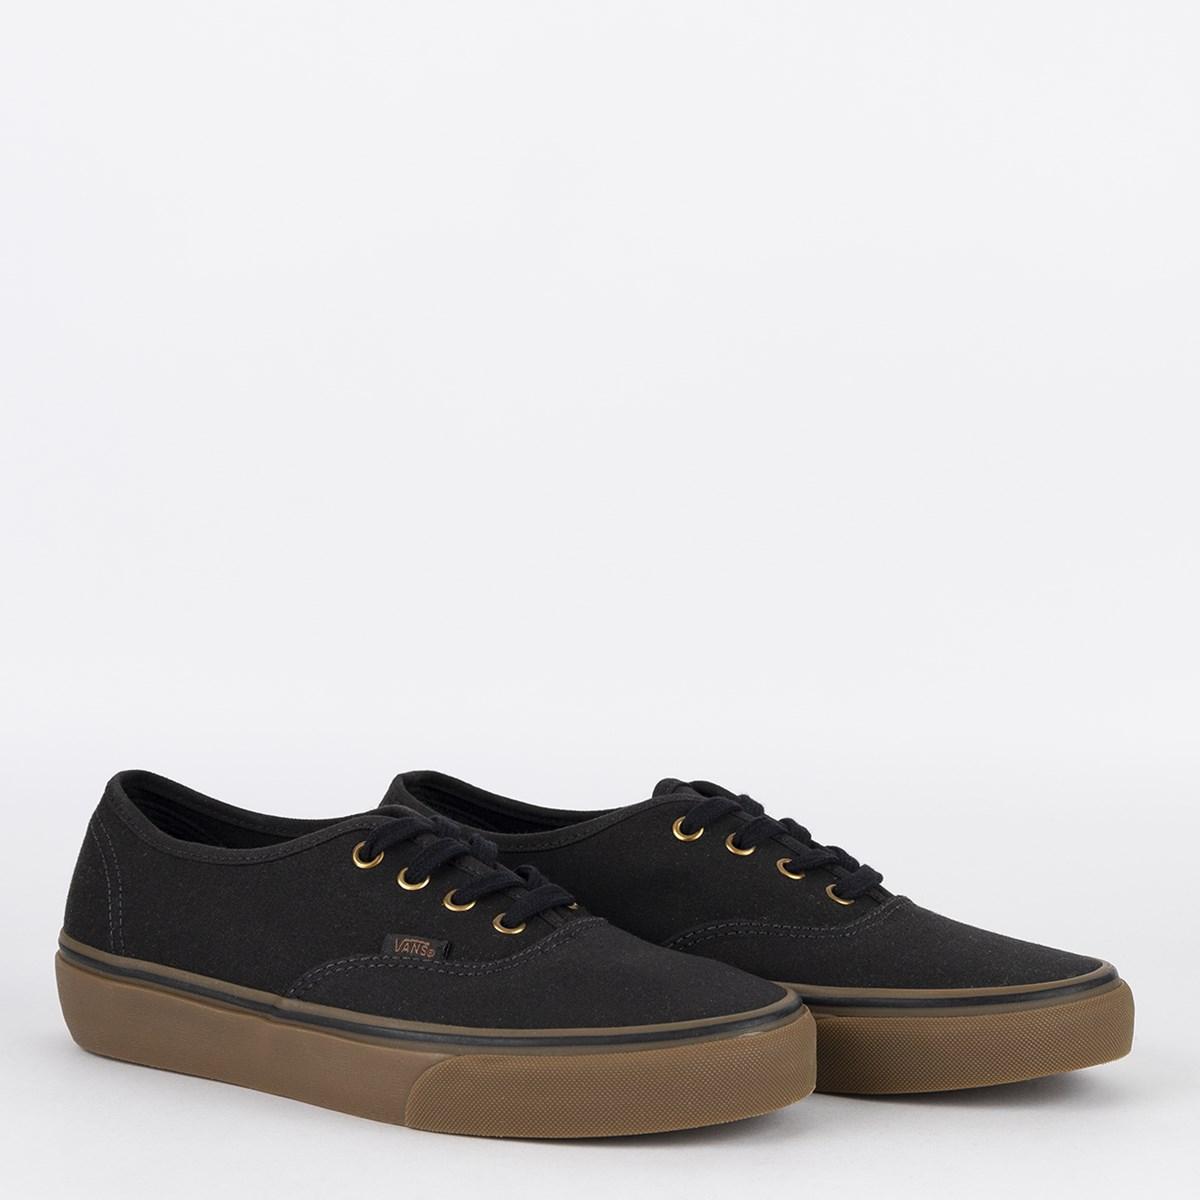 Tênis Vans Authentic Black Rubber VN000TSVBXH